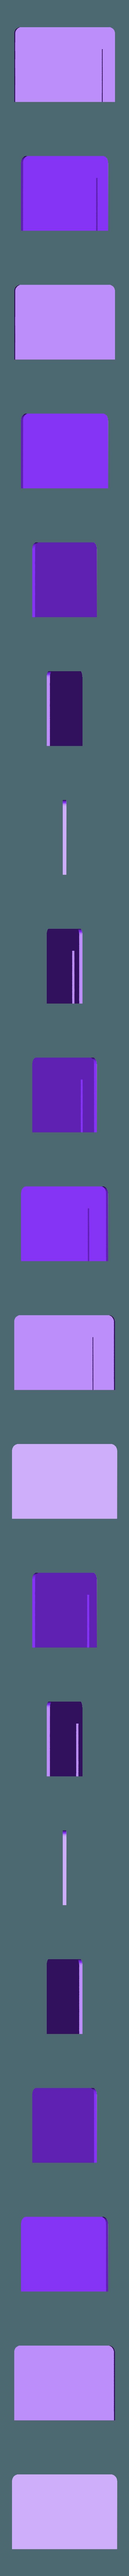 1_SD_Case_B.STL Télécharger fichier STL gratuit Support pour carte SD d'extension • Modèle pour imprimante 3D, perinski